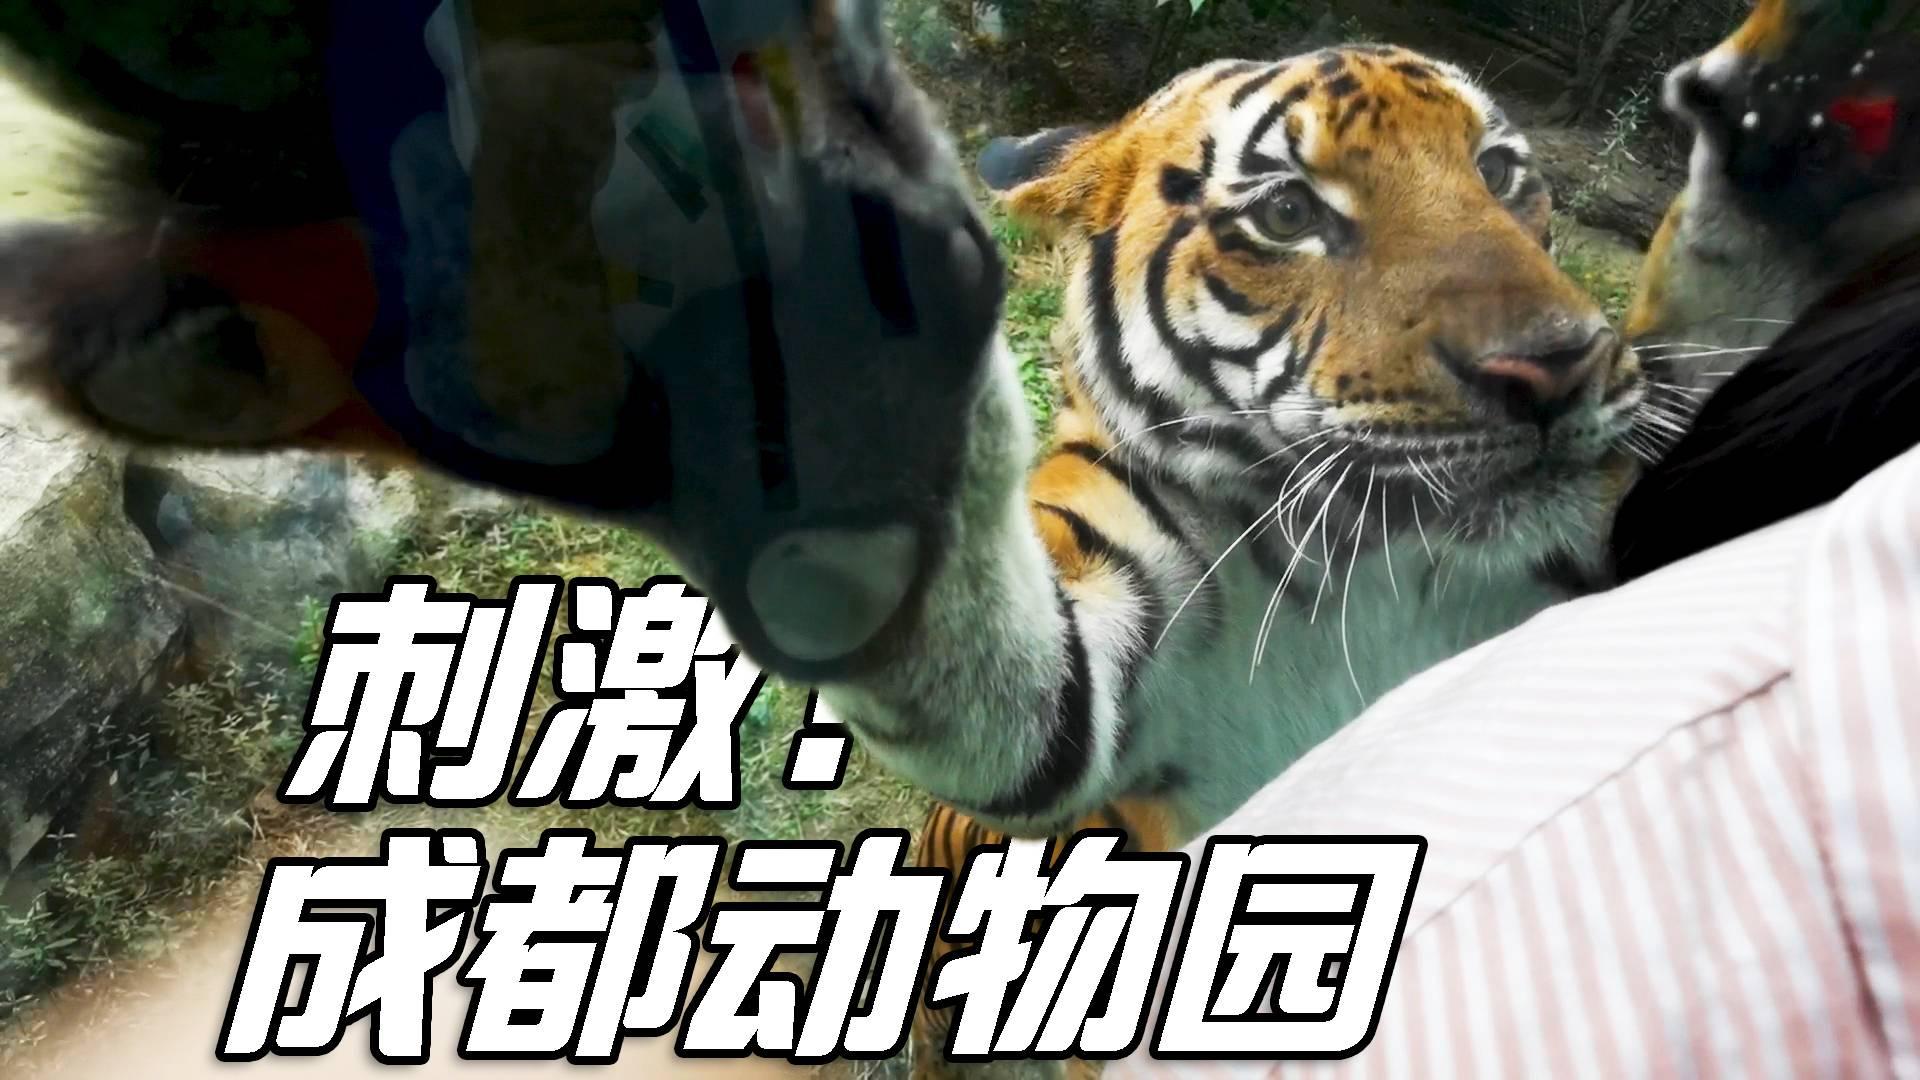 在动物园,试试背朝老虎站着,我成了一个大号逗猫棒